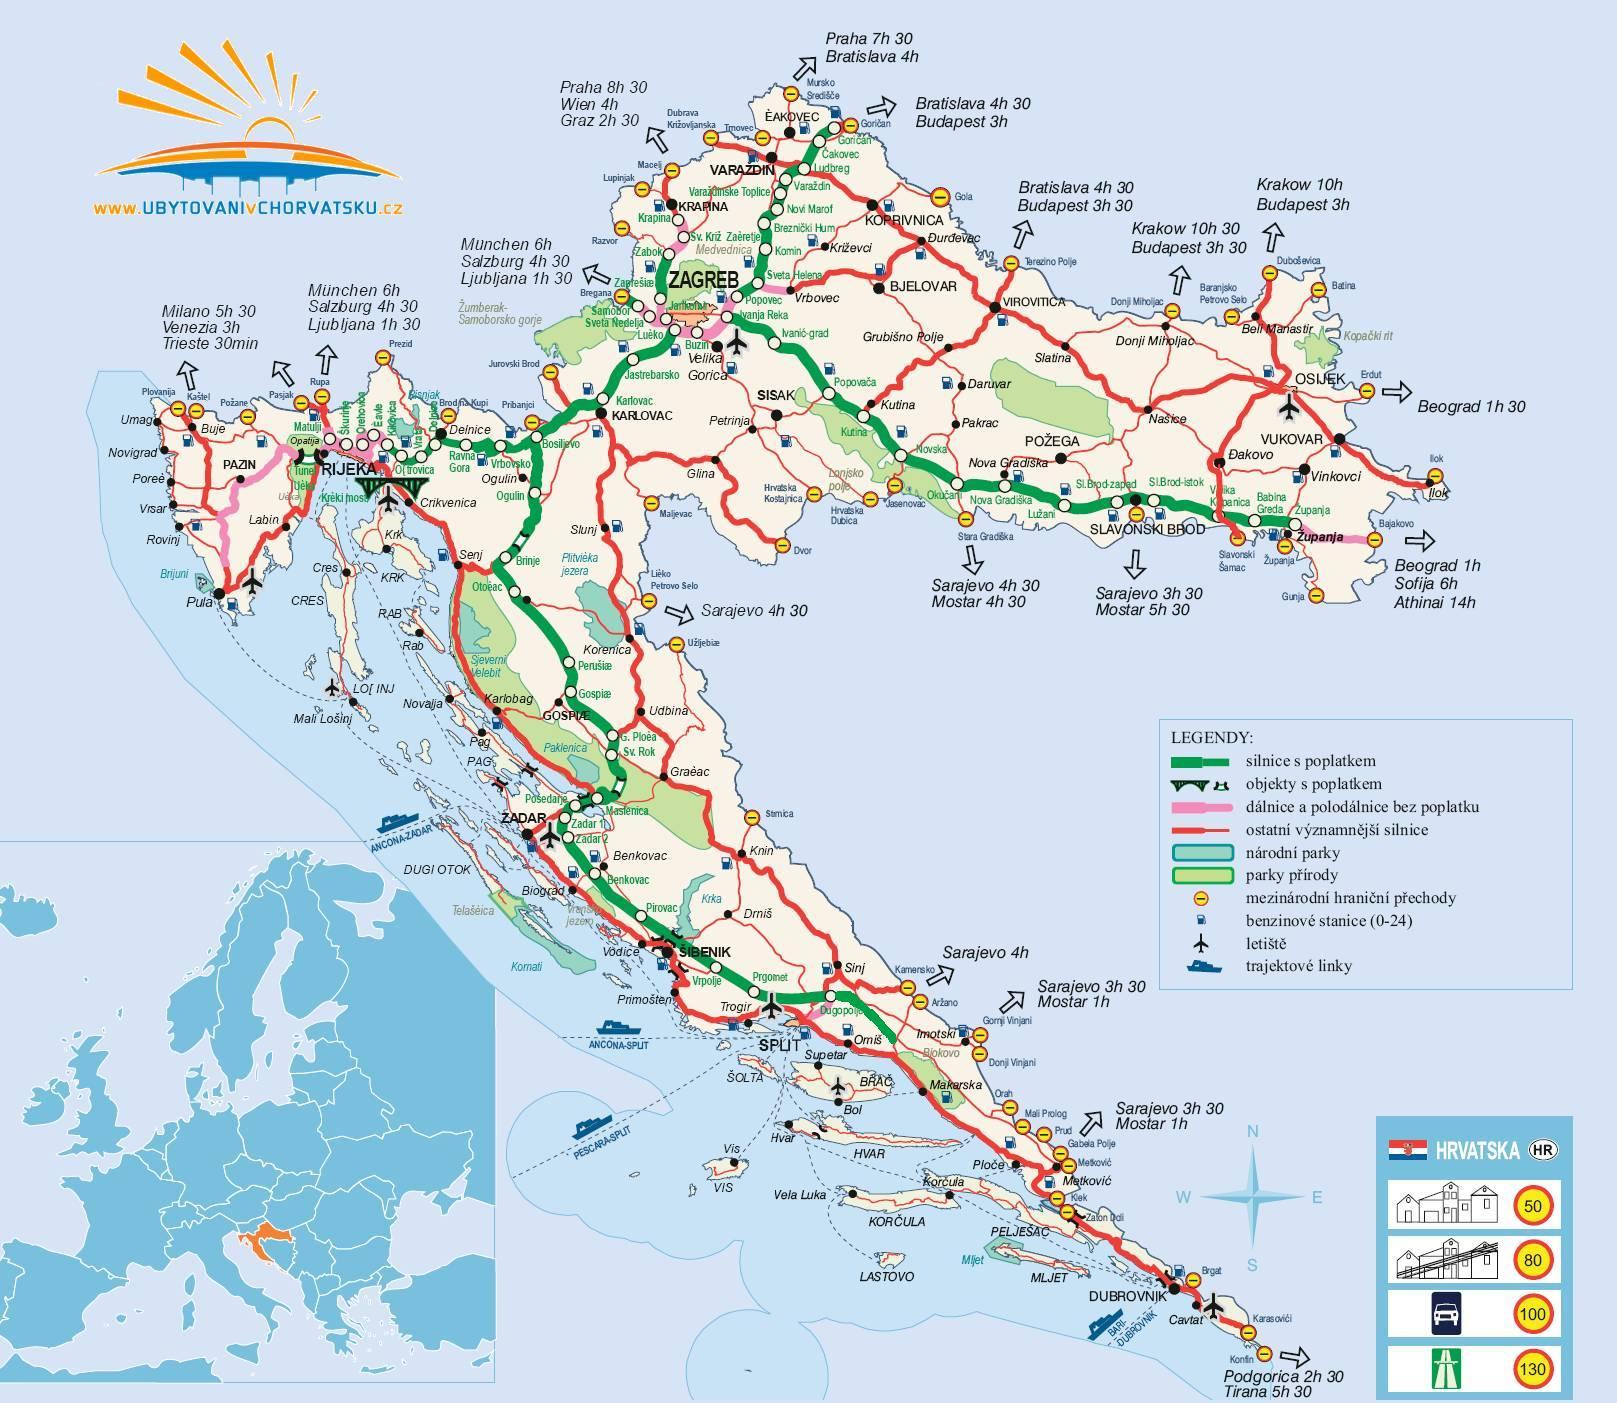 dalmacija mapa NAMESTITEV HRVAŠKA | apartmaji Hrvaška 2018 dalmacija mapa